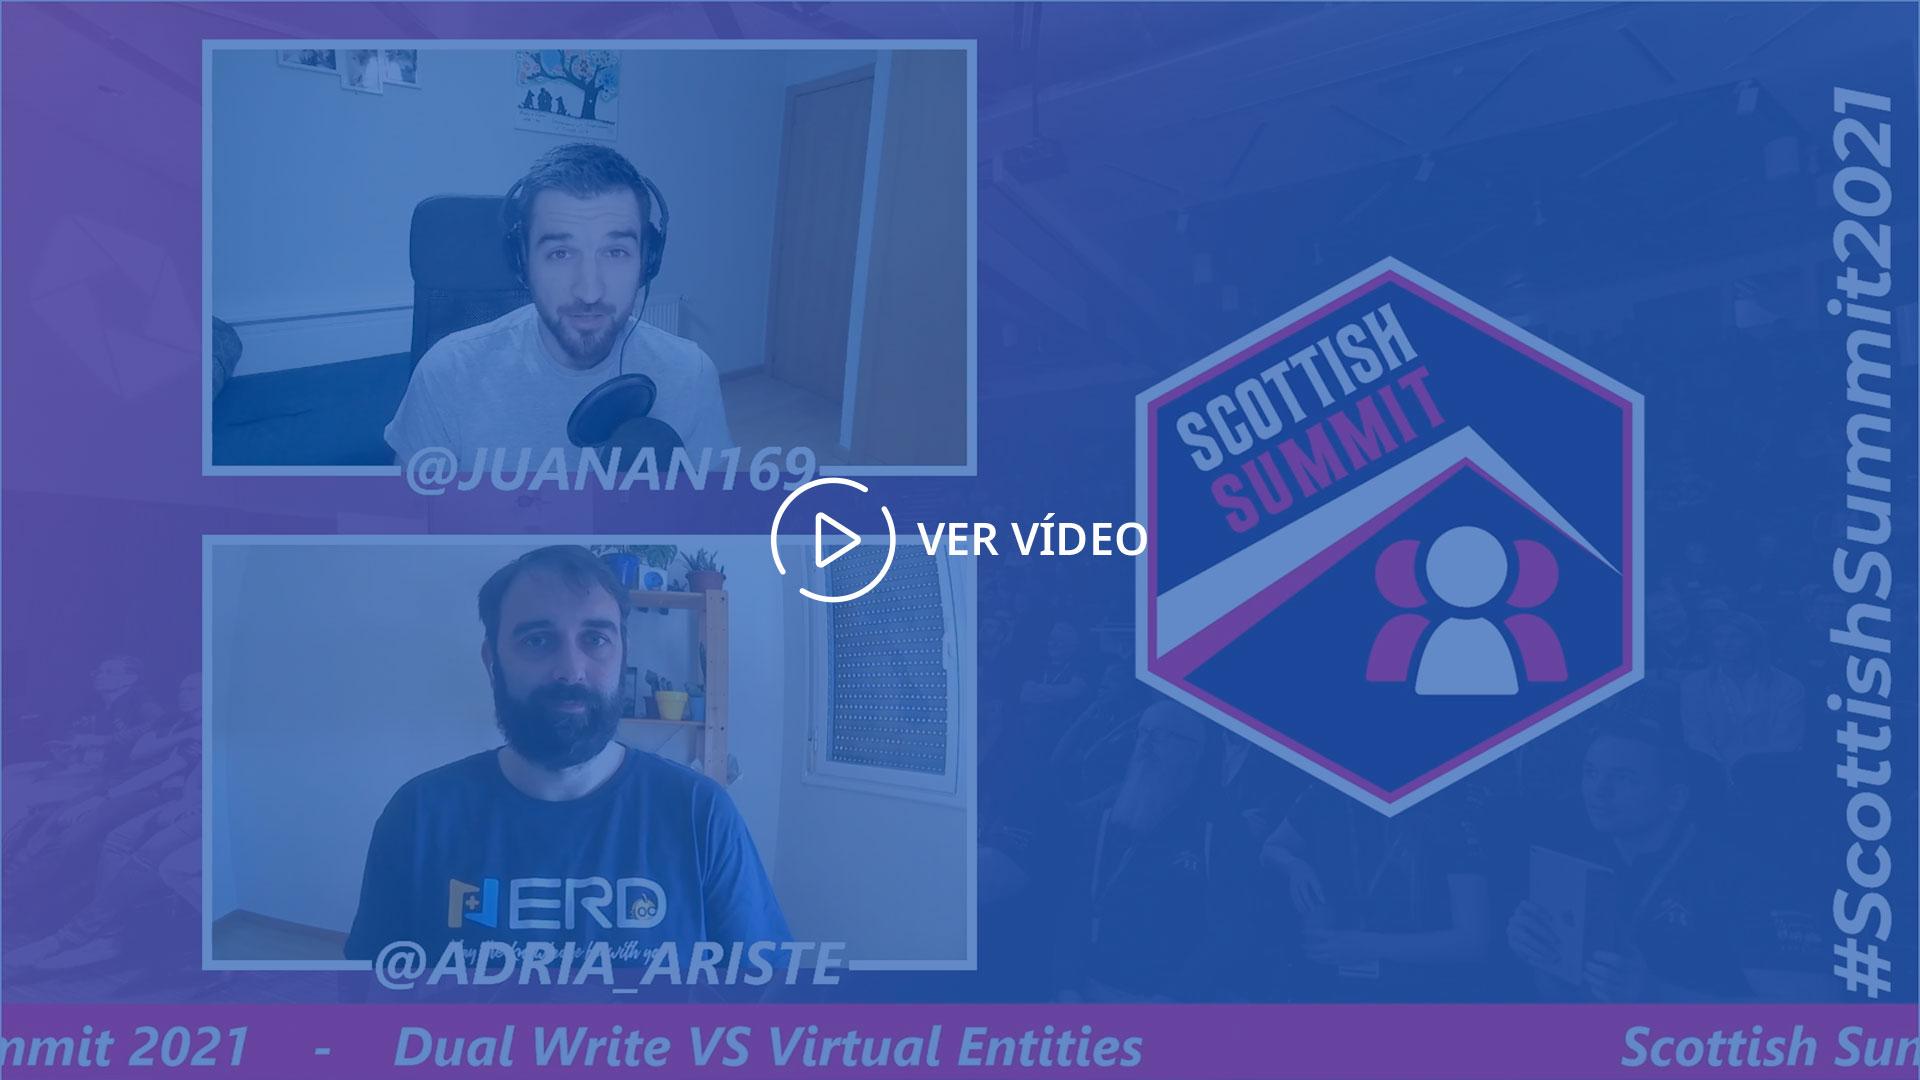 Scottish Summit 2021 Axazure